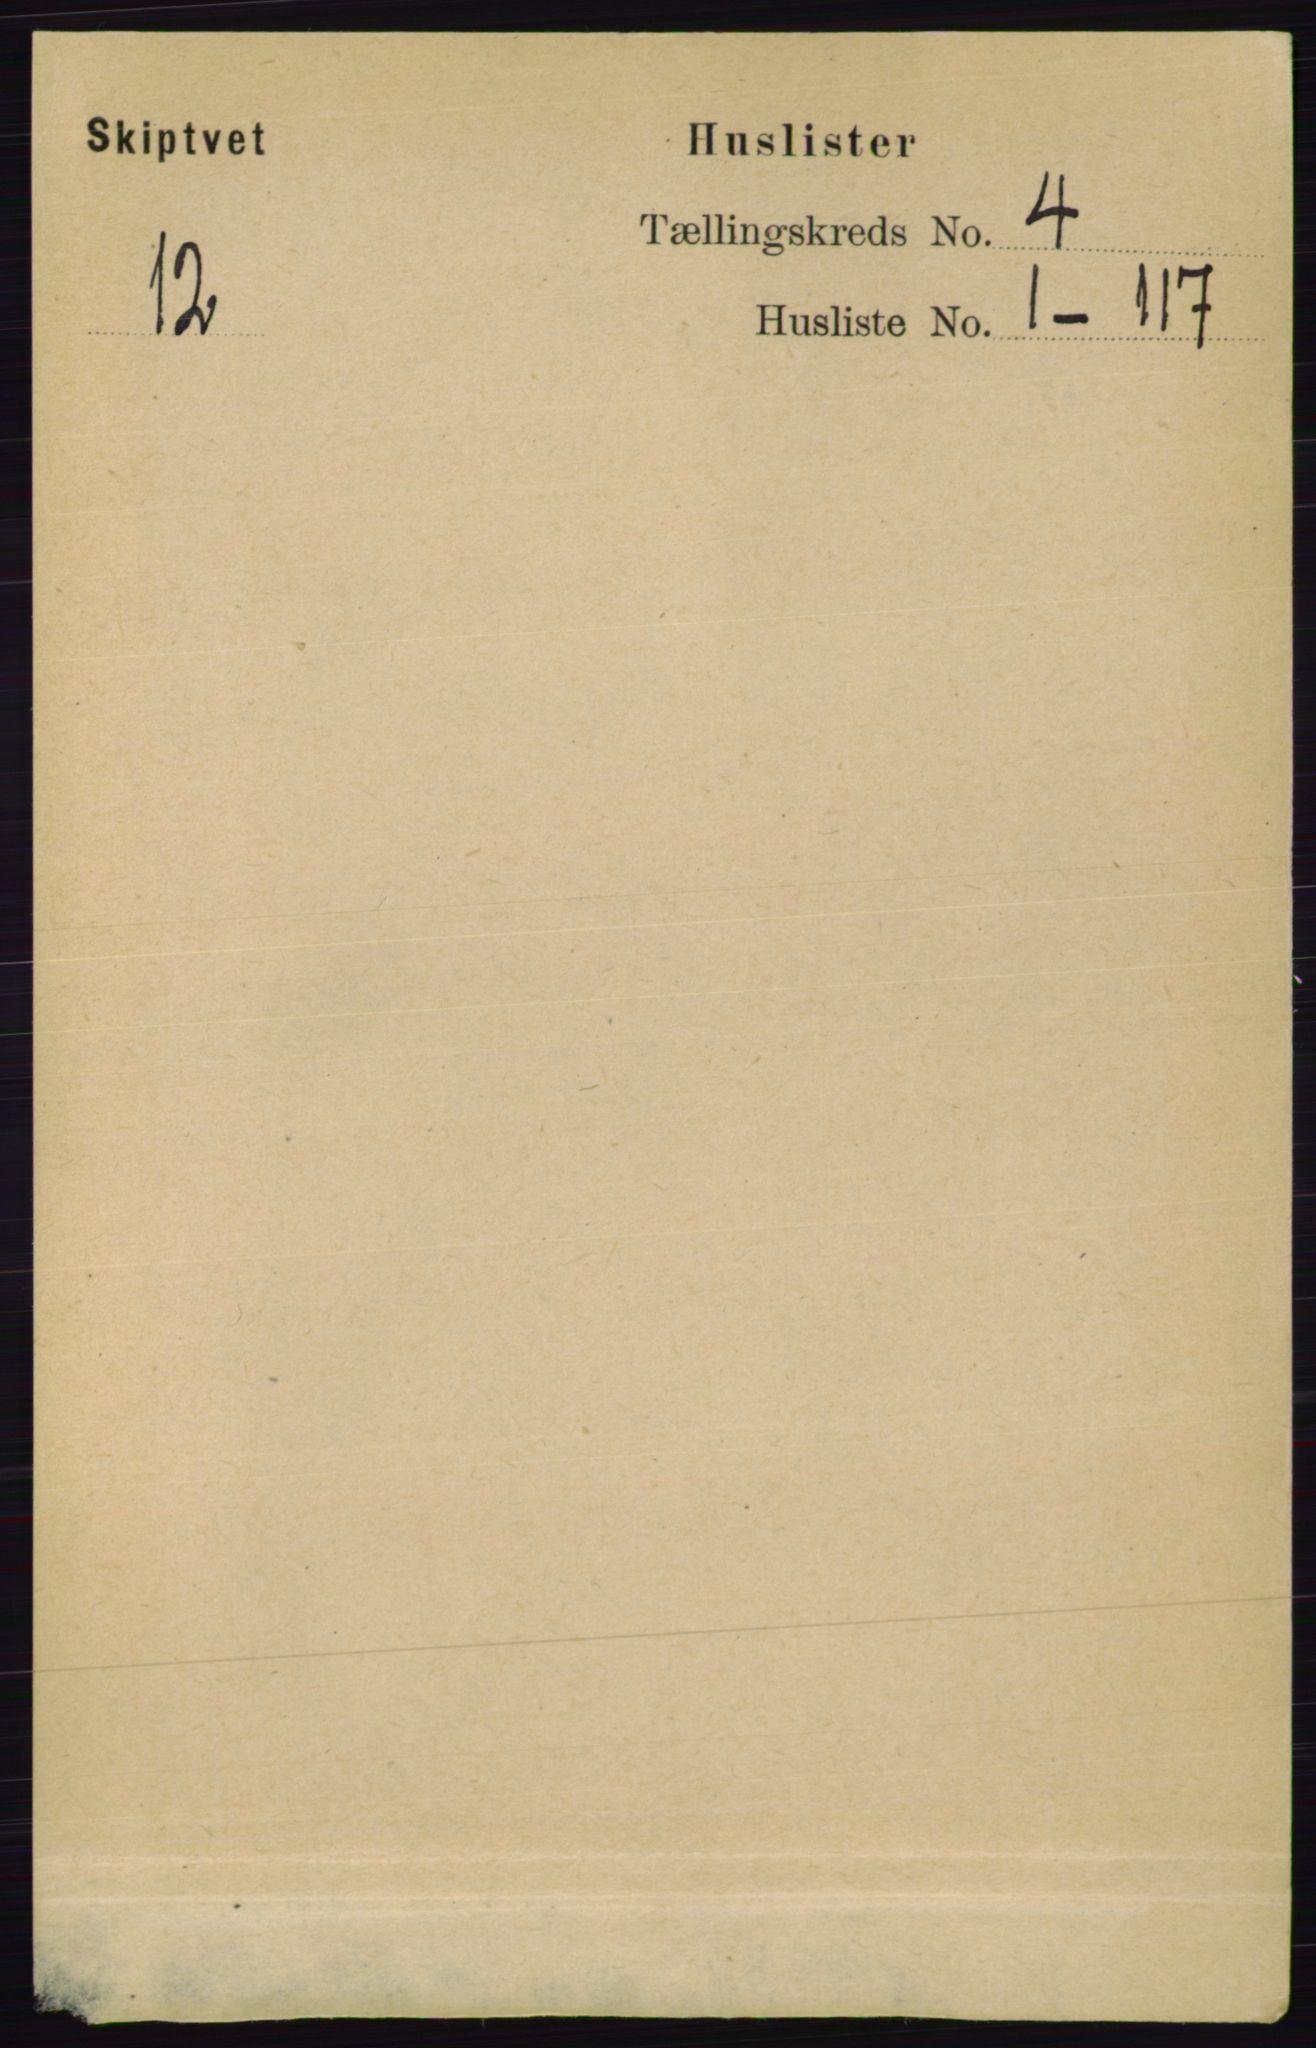 RA, Folketelling 1891 for 0127 Skiptvet herred, 1891, s. 1844